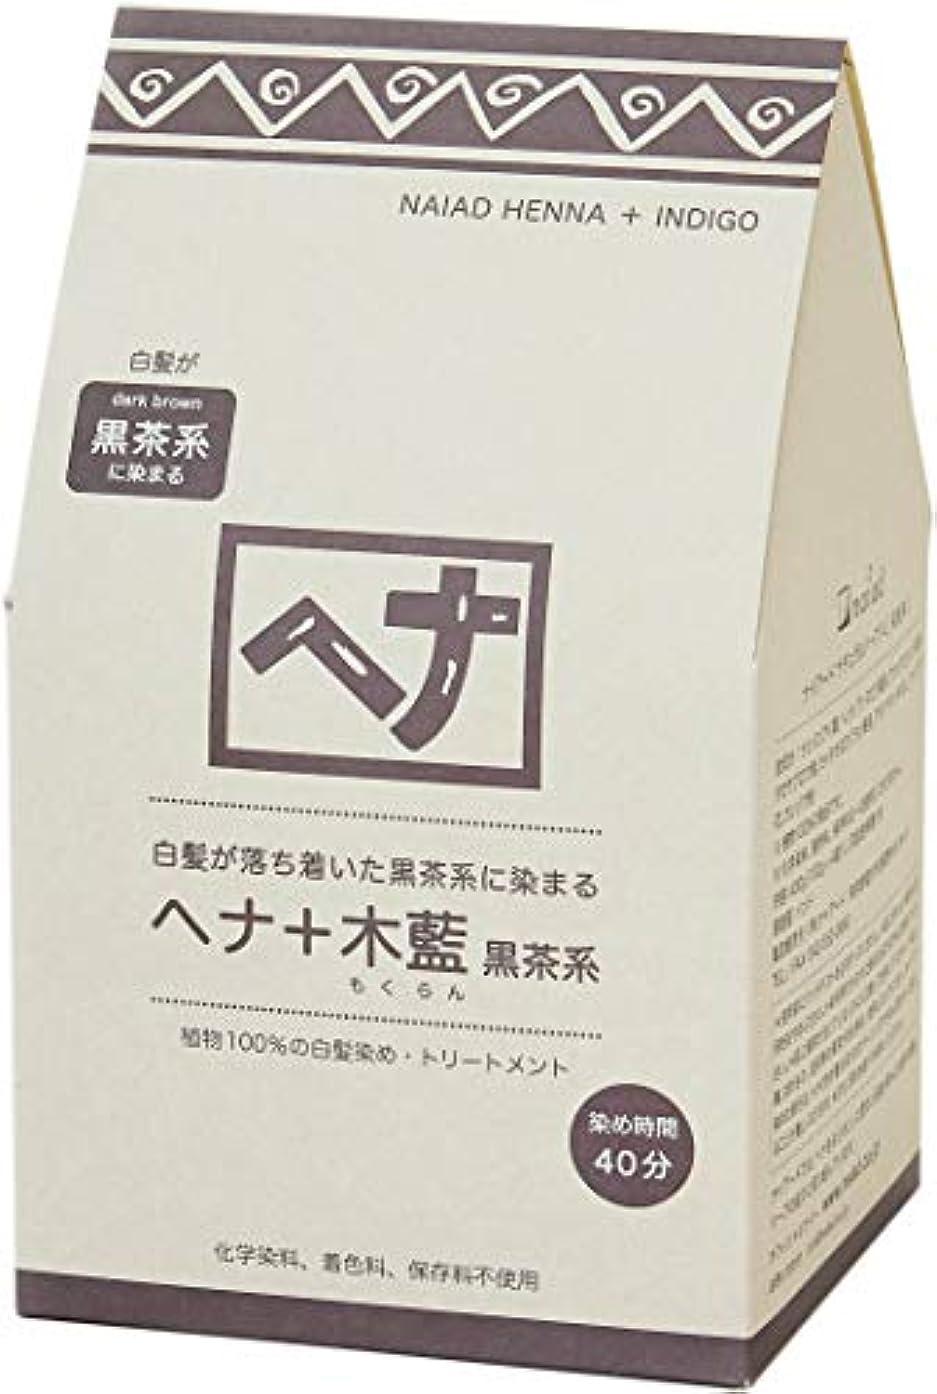 アンティークシーフード意図的Naiad(ナイアード) ヘナ+木藍 黒茶系 400g